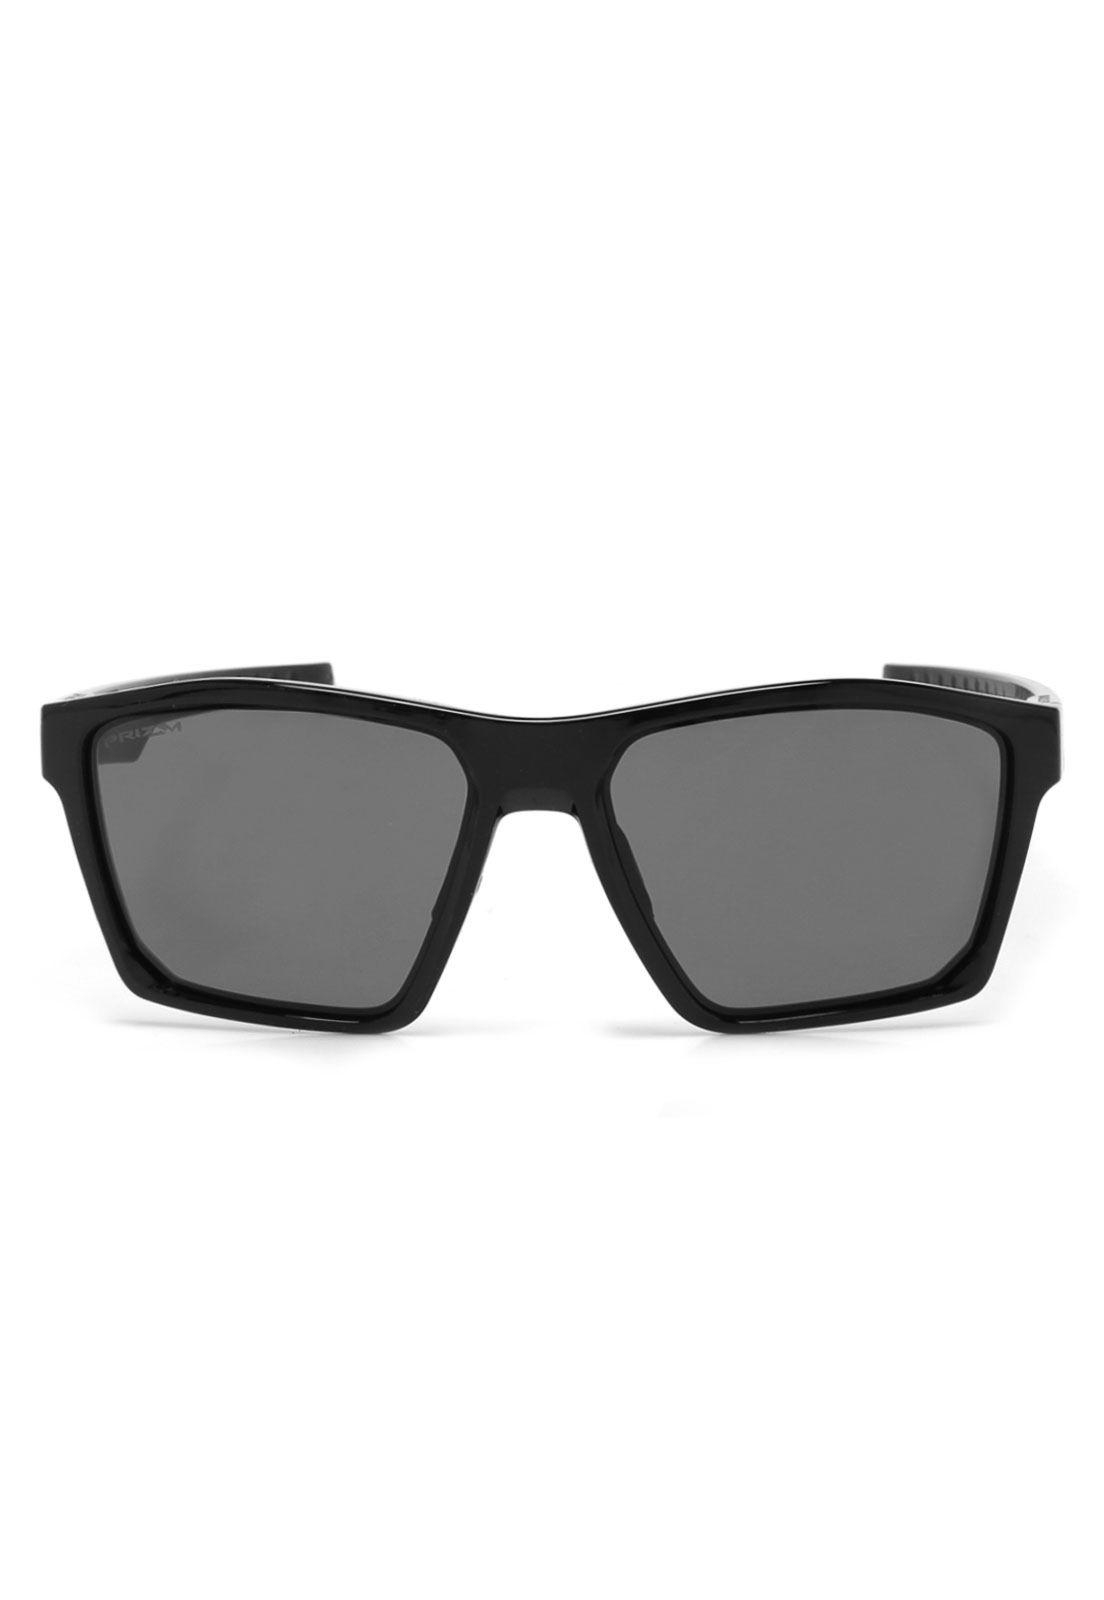 Oakley - OO9397 0158 TARGETLINE - Óculos de Sol